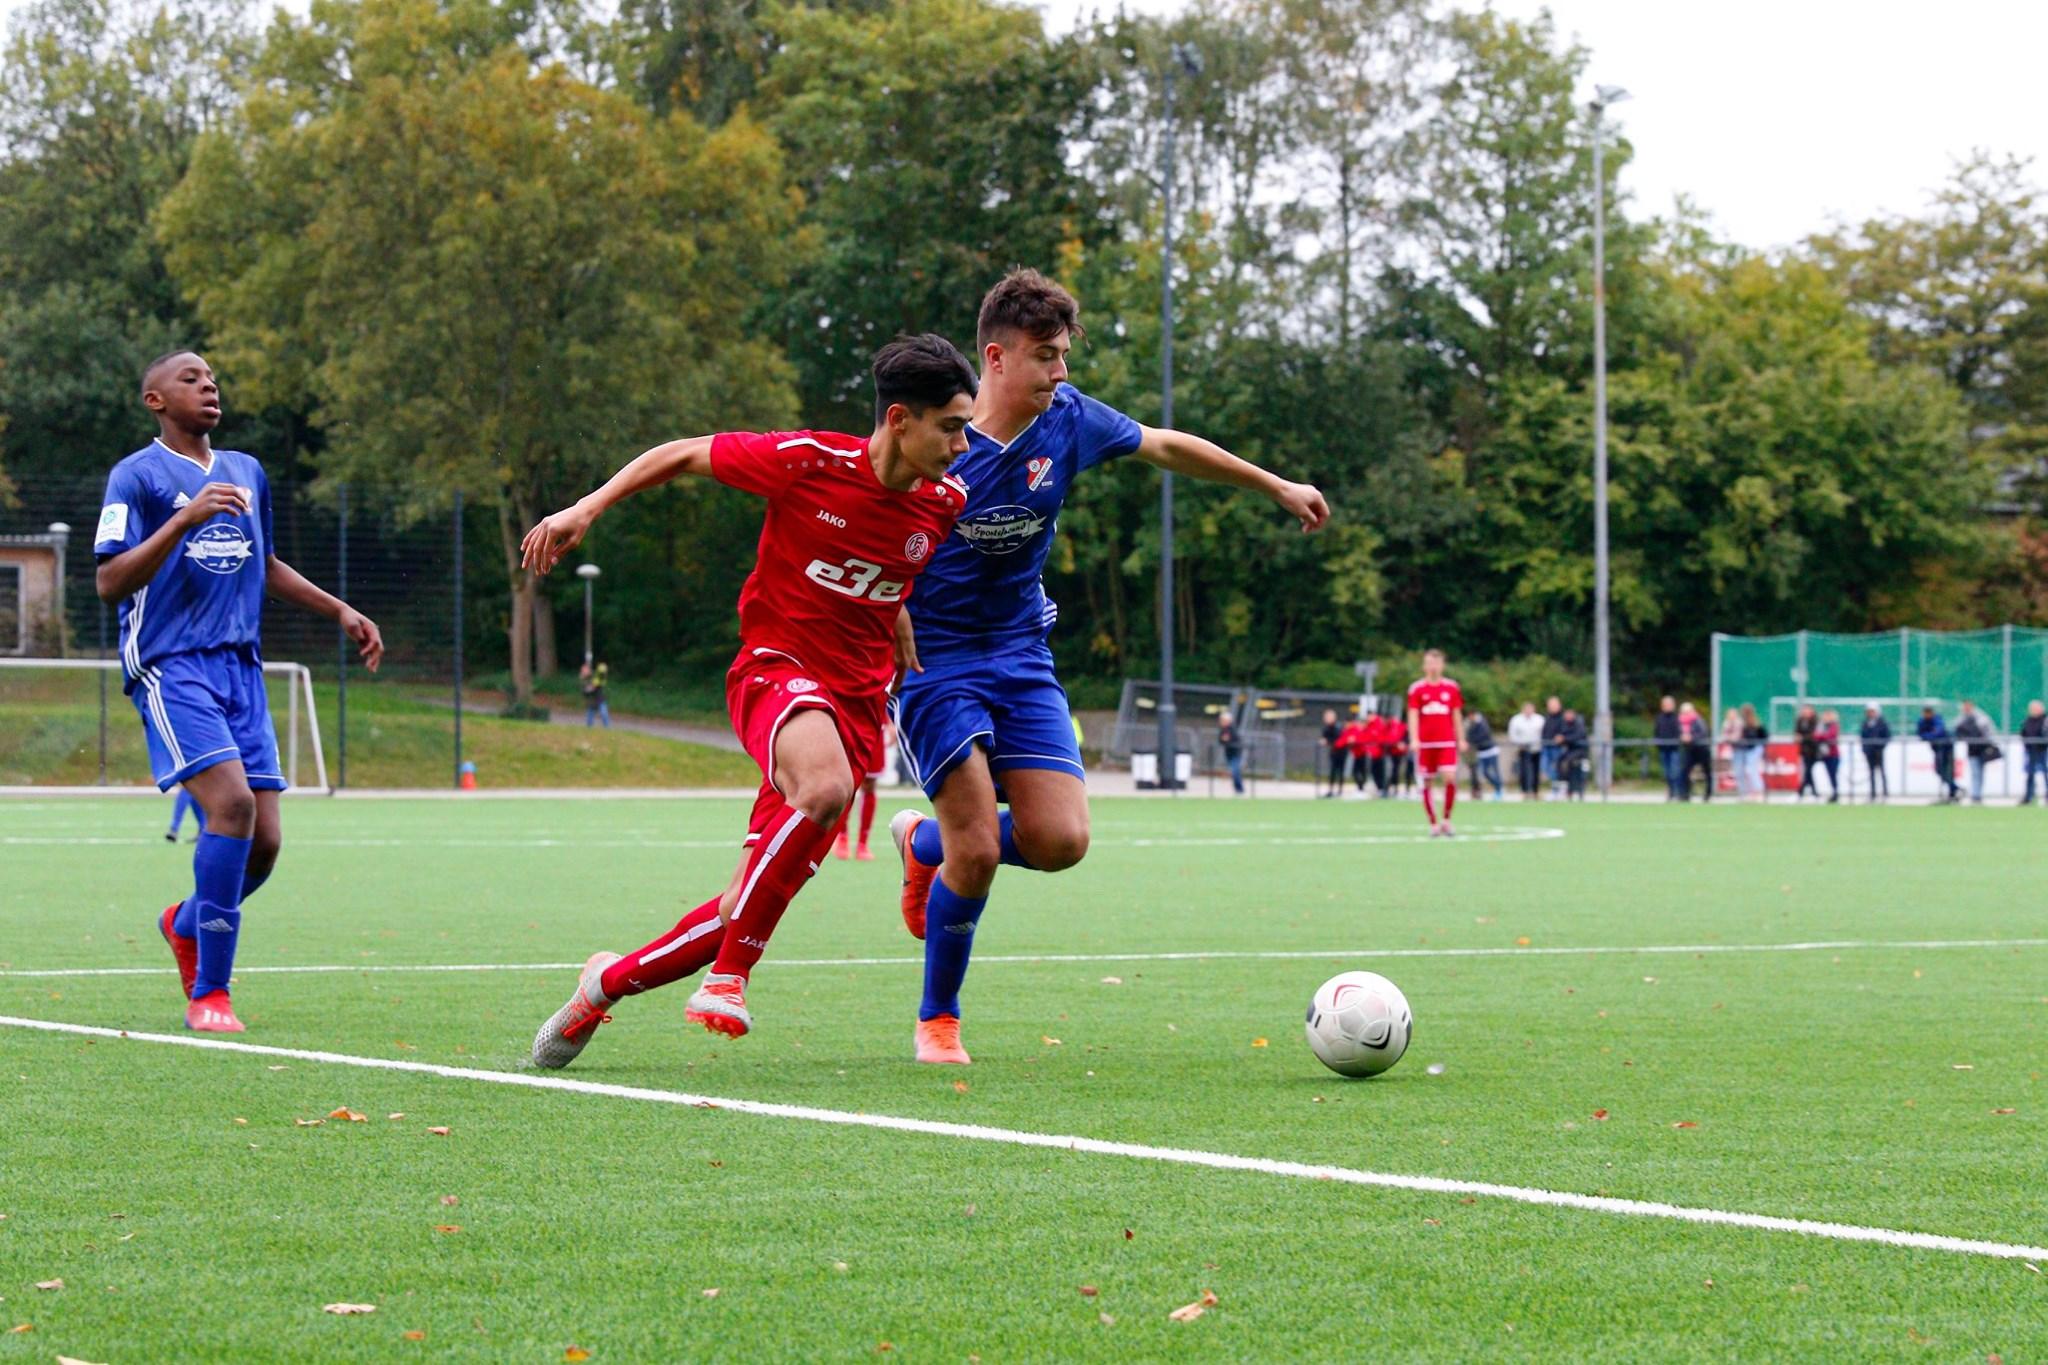 Für die rot-weisse U17 kommt es am Wochenende zum Derby gegen RWO. (Foto: Breilmanns Wiese)